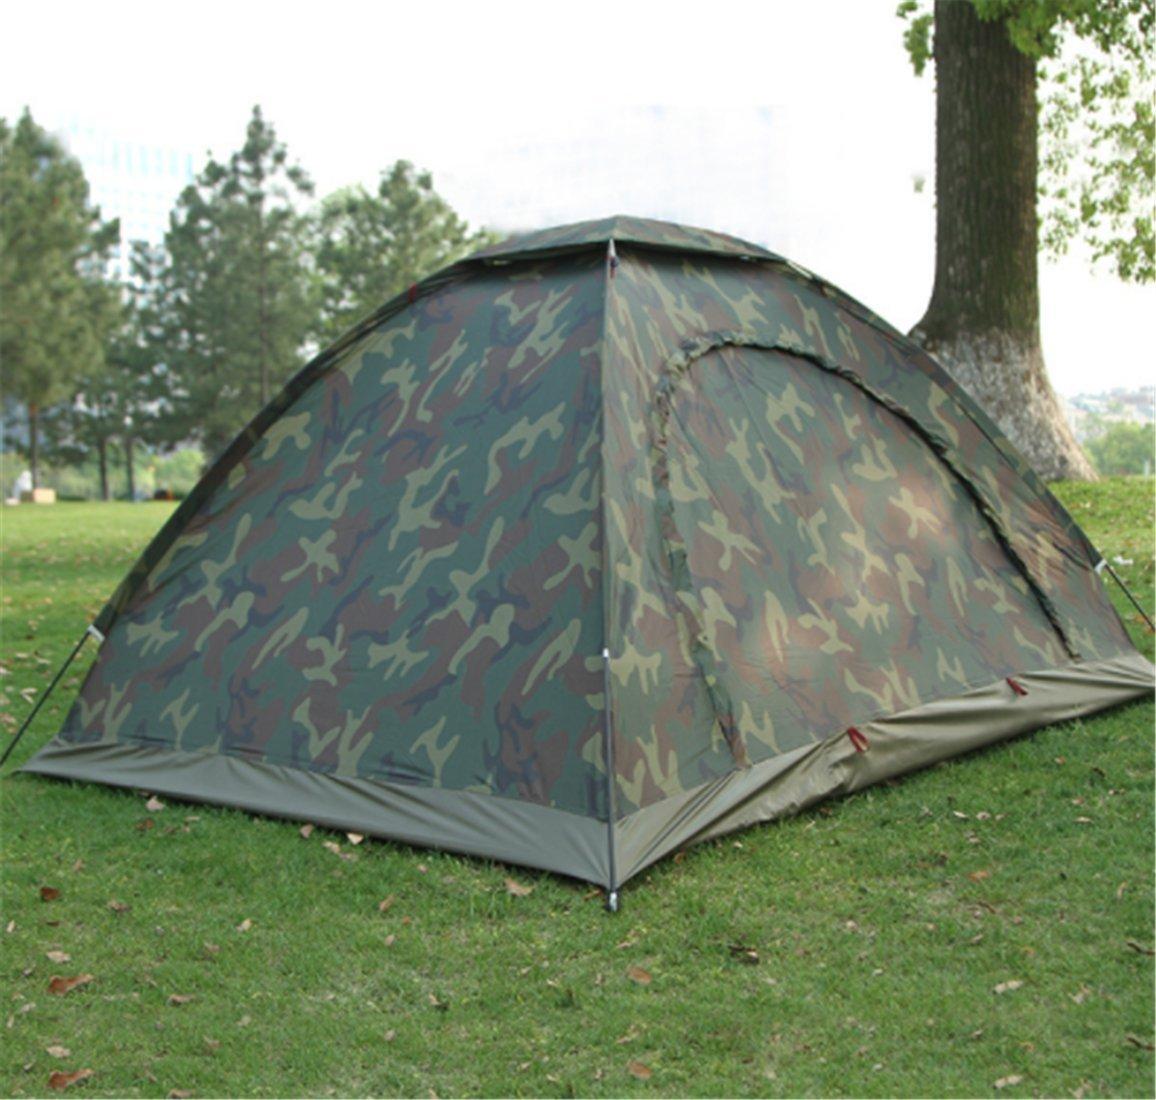 Yeying123 Outdoor 2-Personen Zelt Camping 3-4 Camouflage Zelt Paar Strand Freizeit Zelt,Double